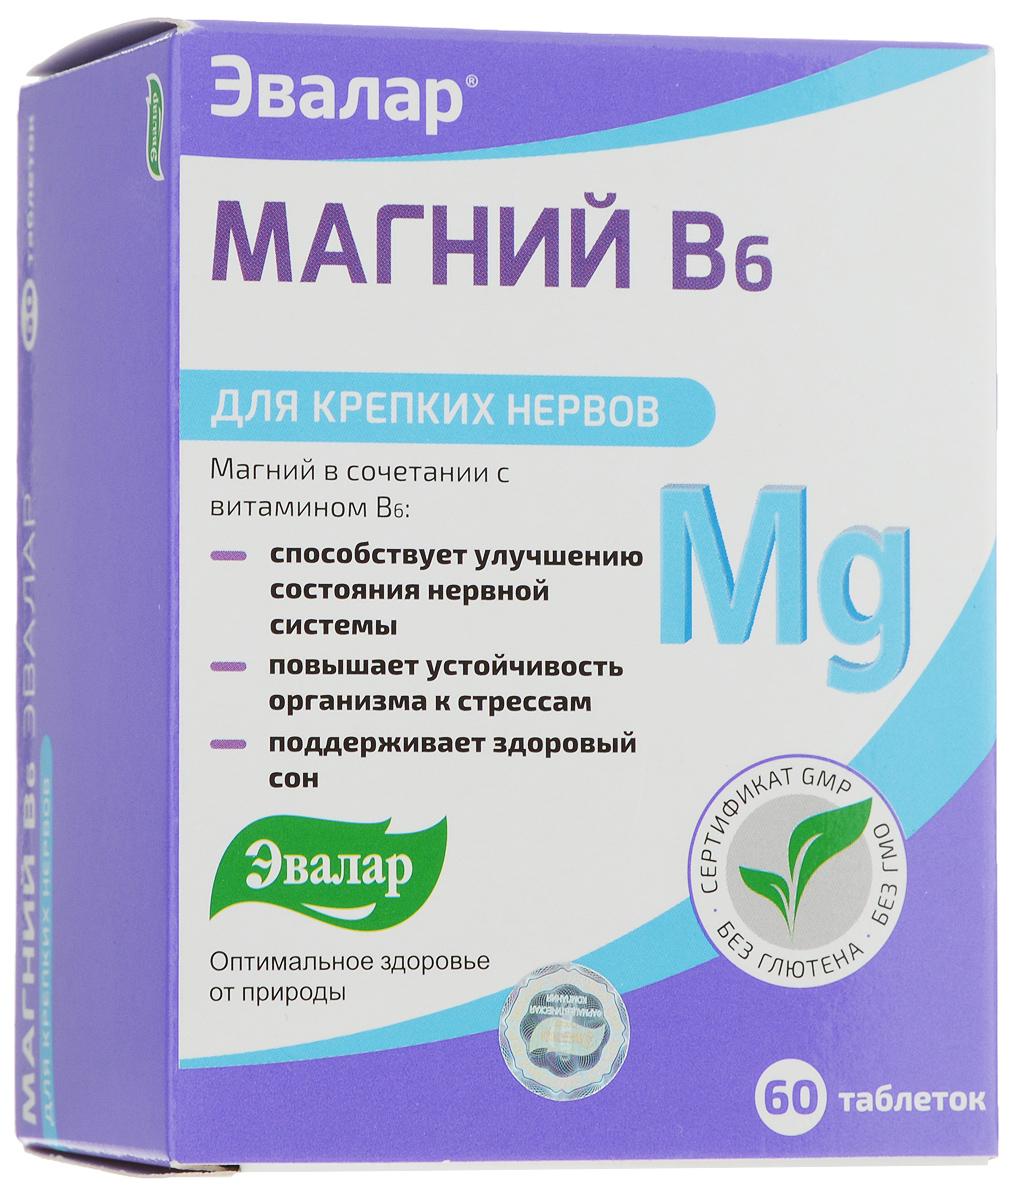 """Магний В6 """"Эвалар"""", для крепких нервов, 60 таблеток"""